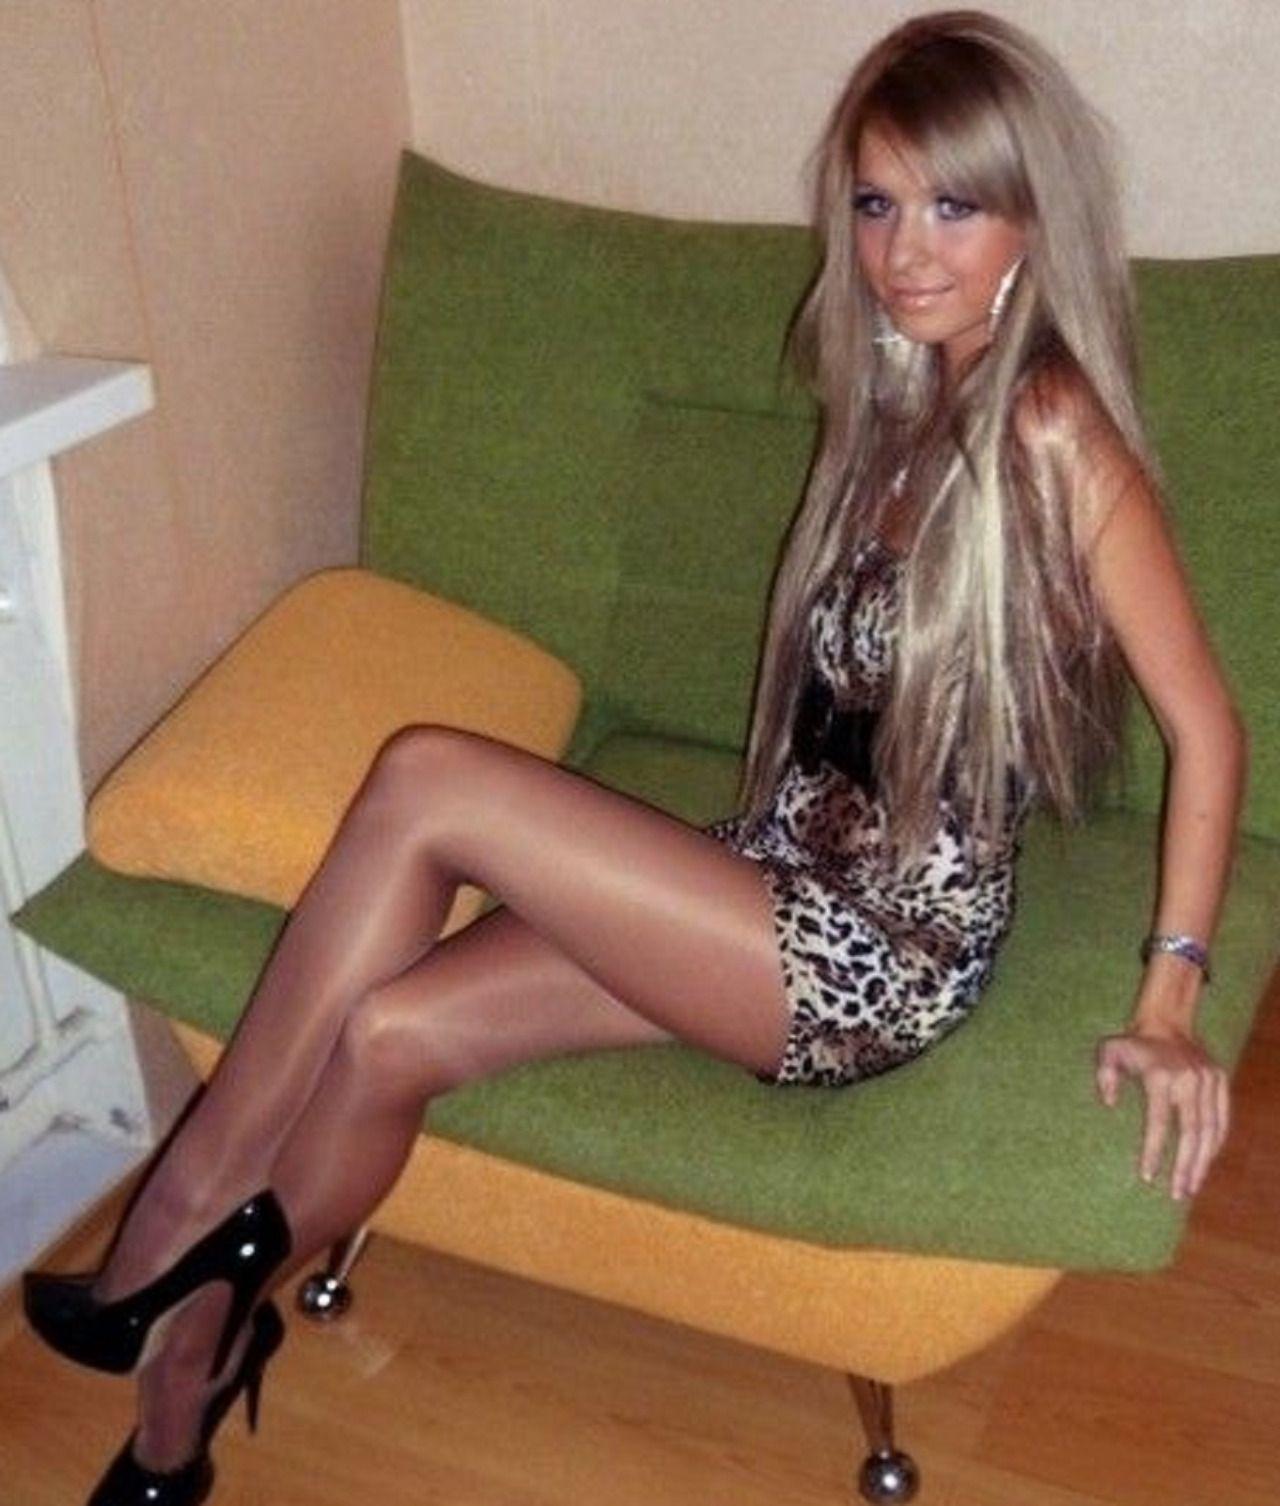 sex ficken crossdresser in high heels